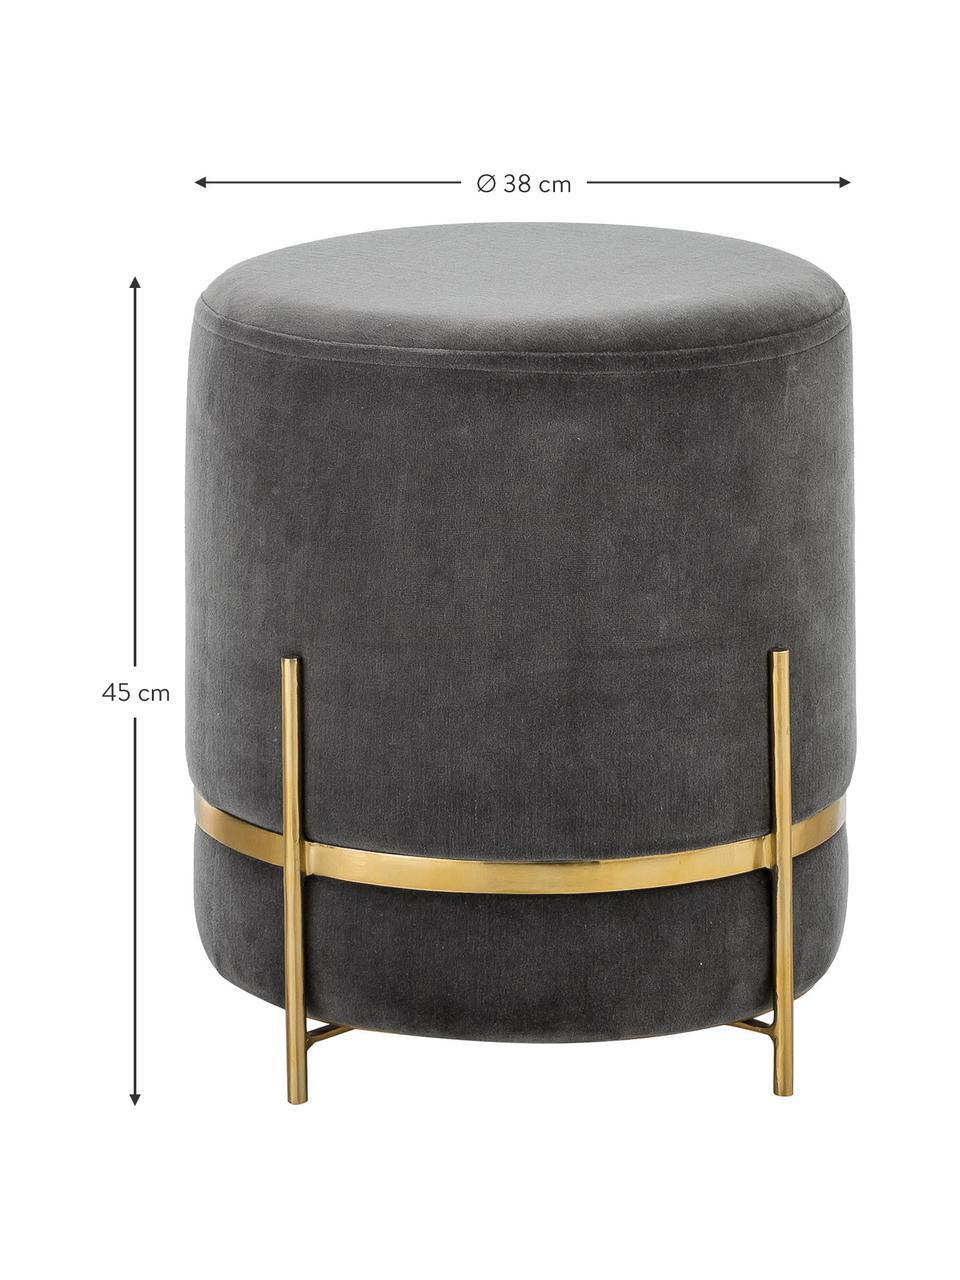 Samt-Hocker Haven, Bezug: Baumwollsamt, Fuß: Metall, pulverbeschichtet, Grau, Goldfarben, ∅ 38 x H 45 cm